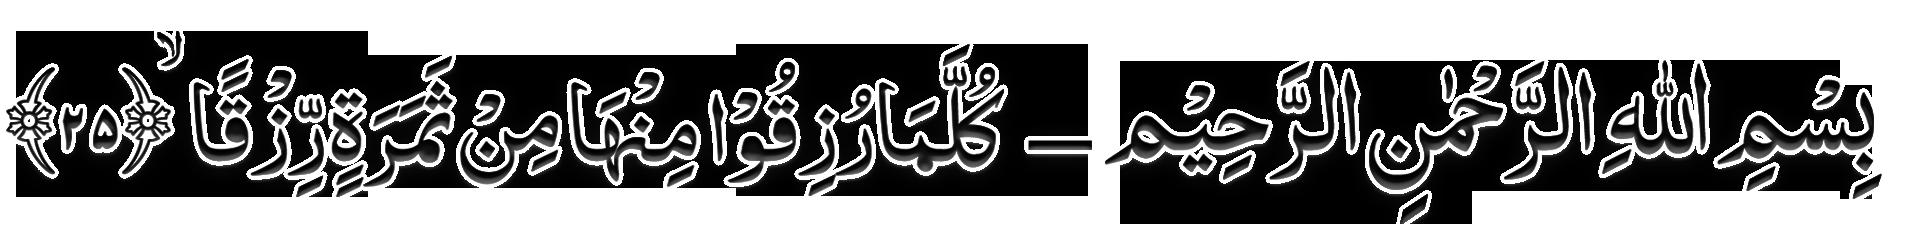 surah-baqarah-ayat-25